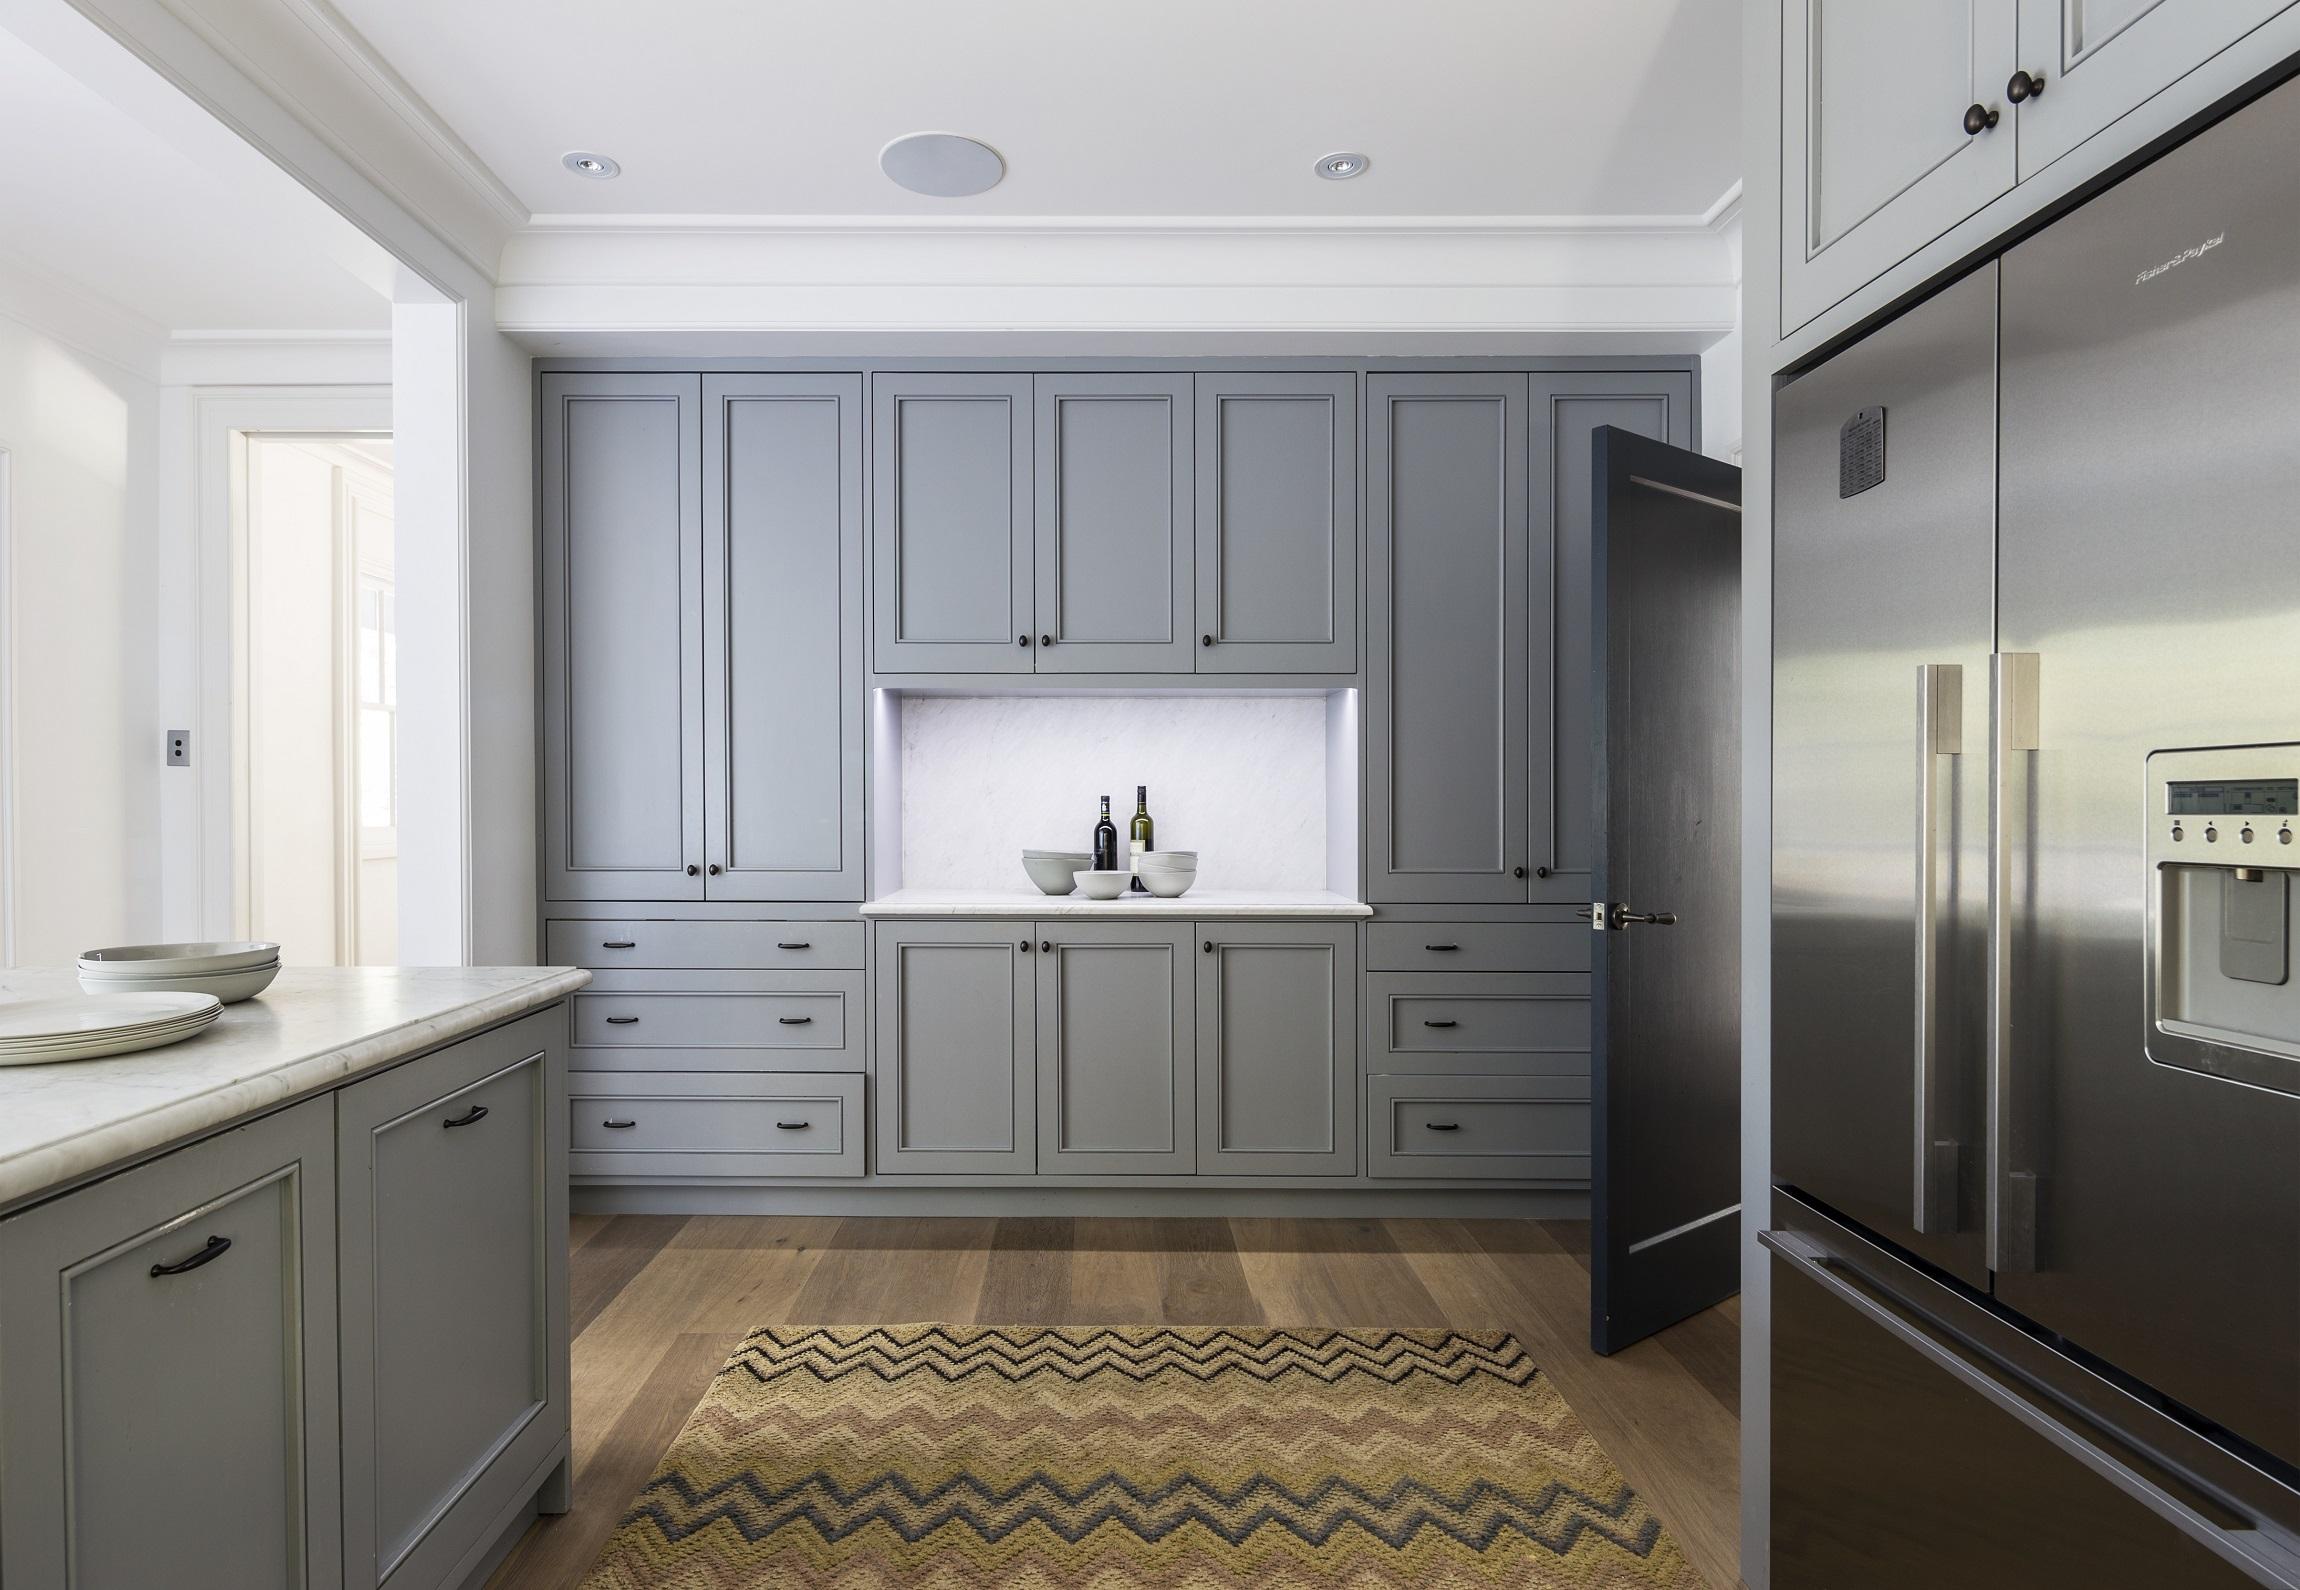 Art-Deco-Interior-Design-Kitchen-Bellevue-Hill-Michael-Bell-Architects(2)